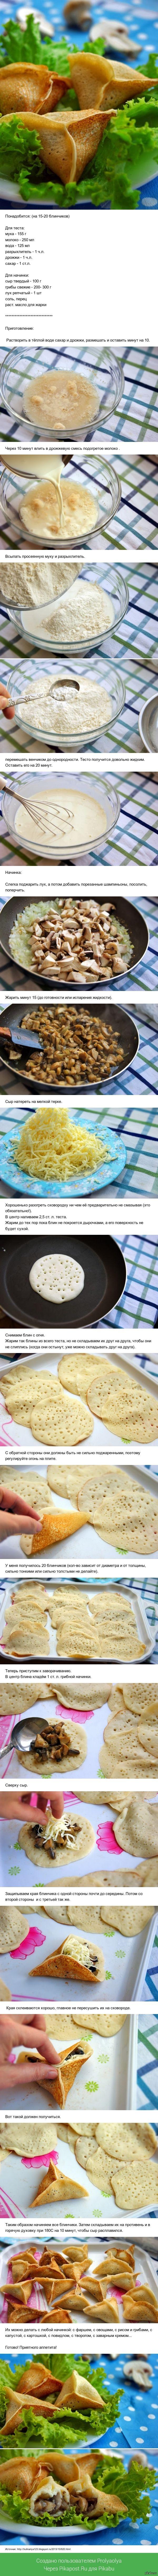 Блинчики с грибами и сыром. Осторожно, блинный длиннопост! Приятного аппетита! :)